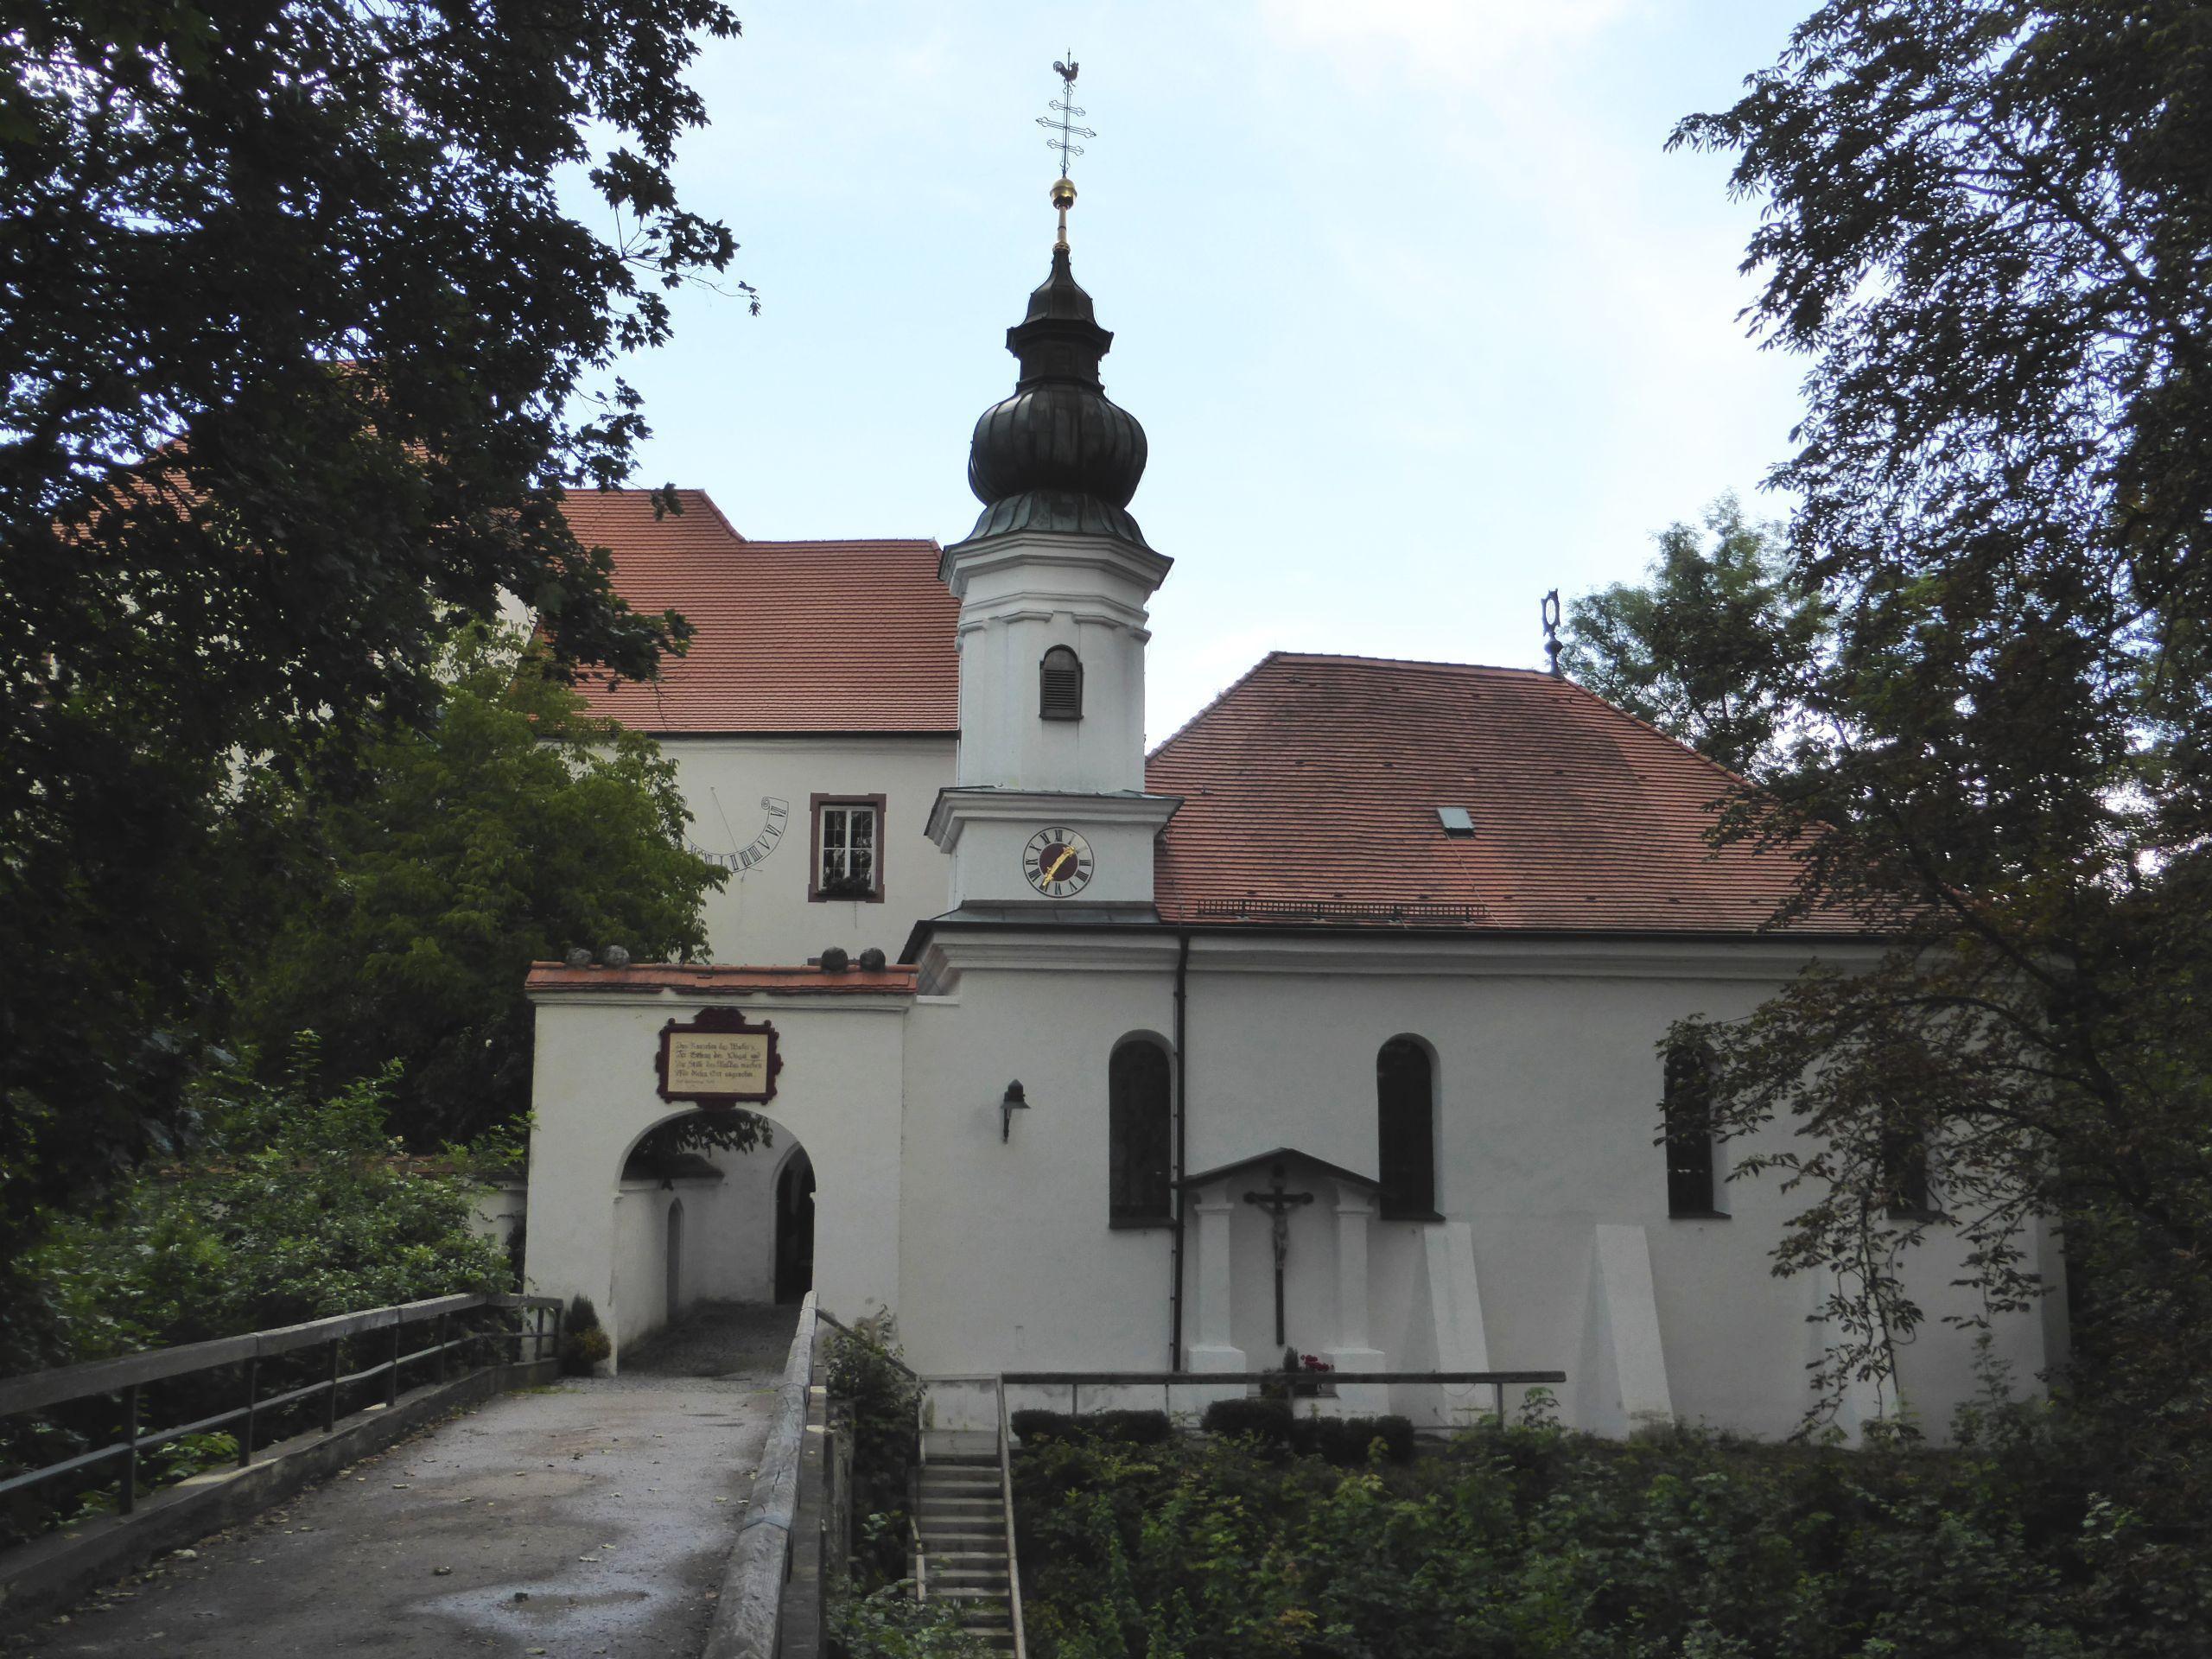 Schlosskapelle Wald An Der Alz